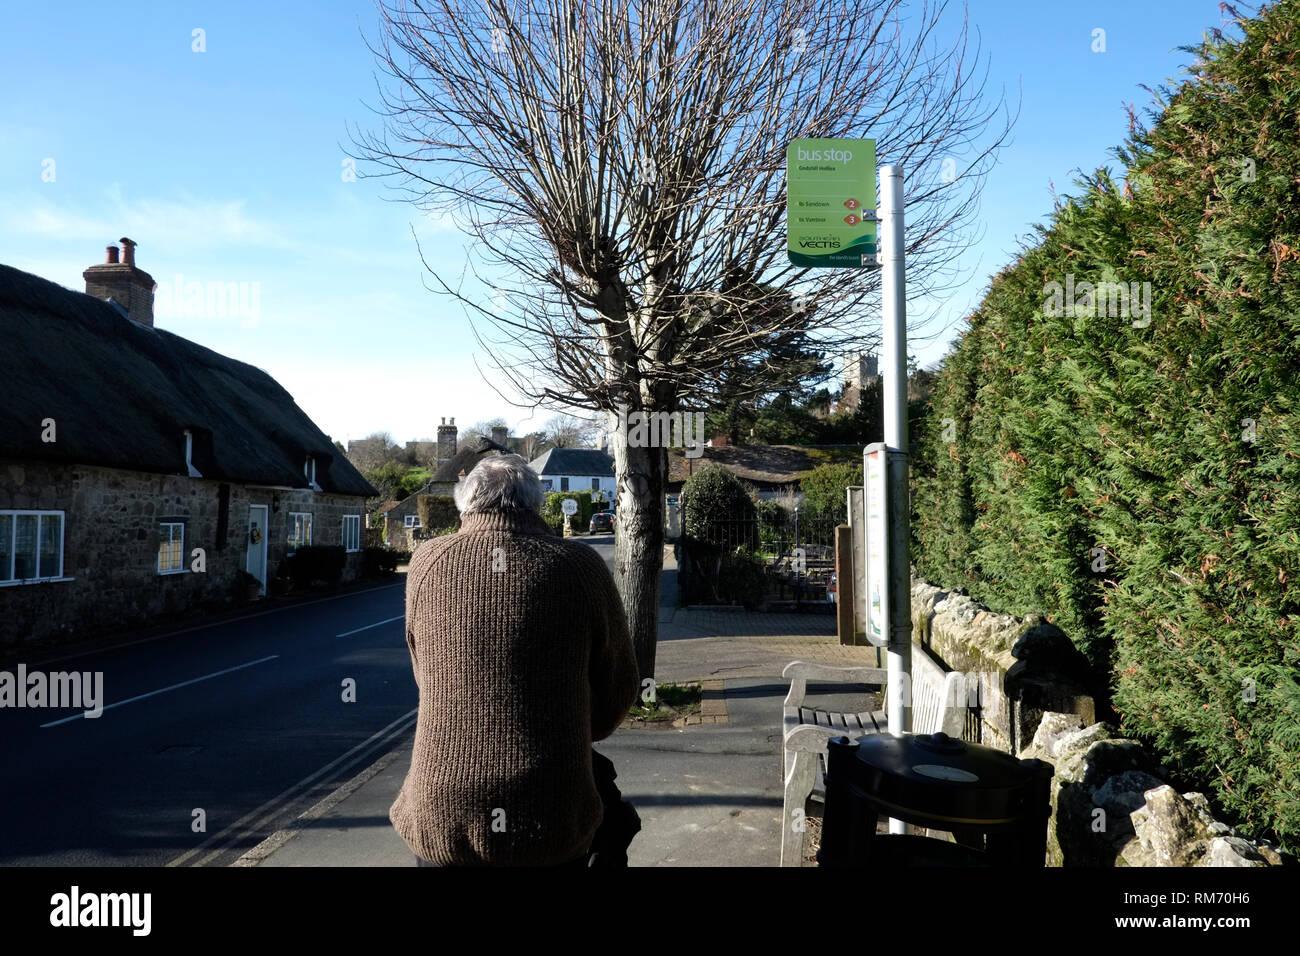 Rentner wartet auf mit dem Bus an der Haltestelle zu gelangen Stockbild